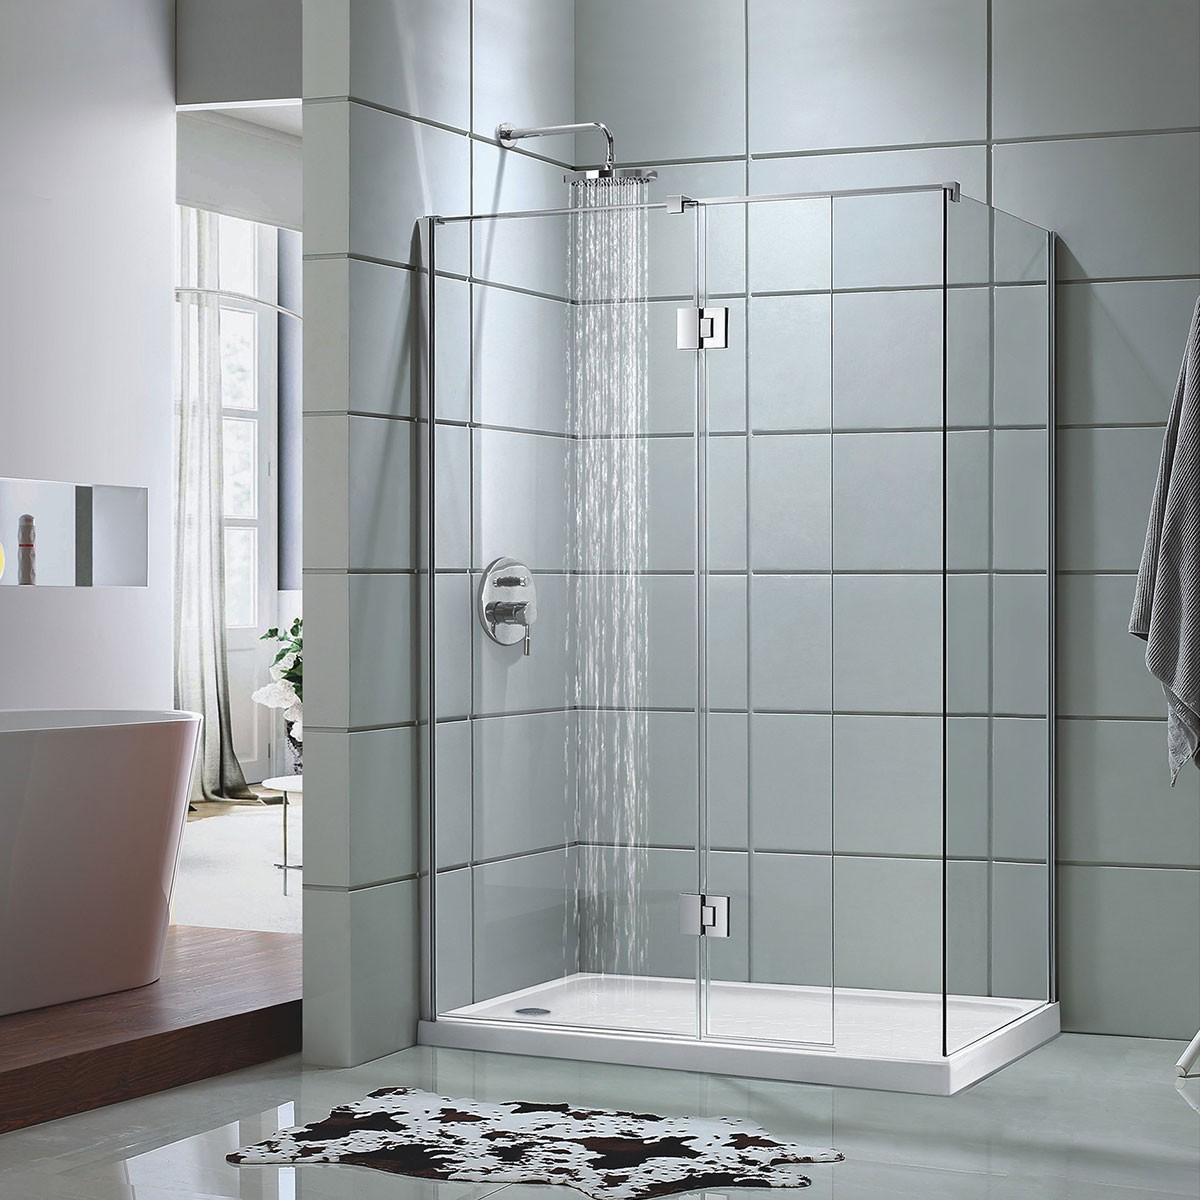 48 In. Pivot Shower Door with 36 In. Side Panel (DK-D205-90)